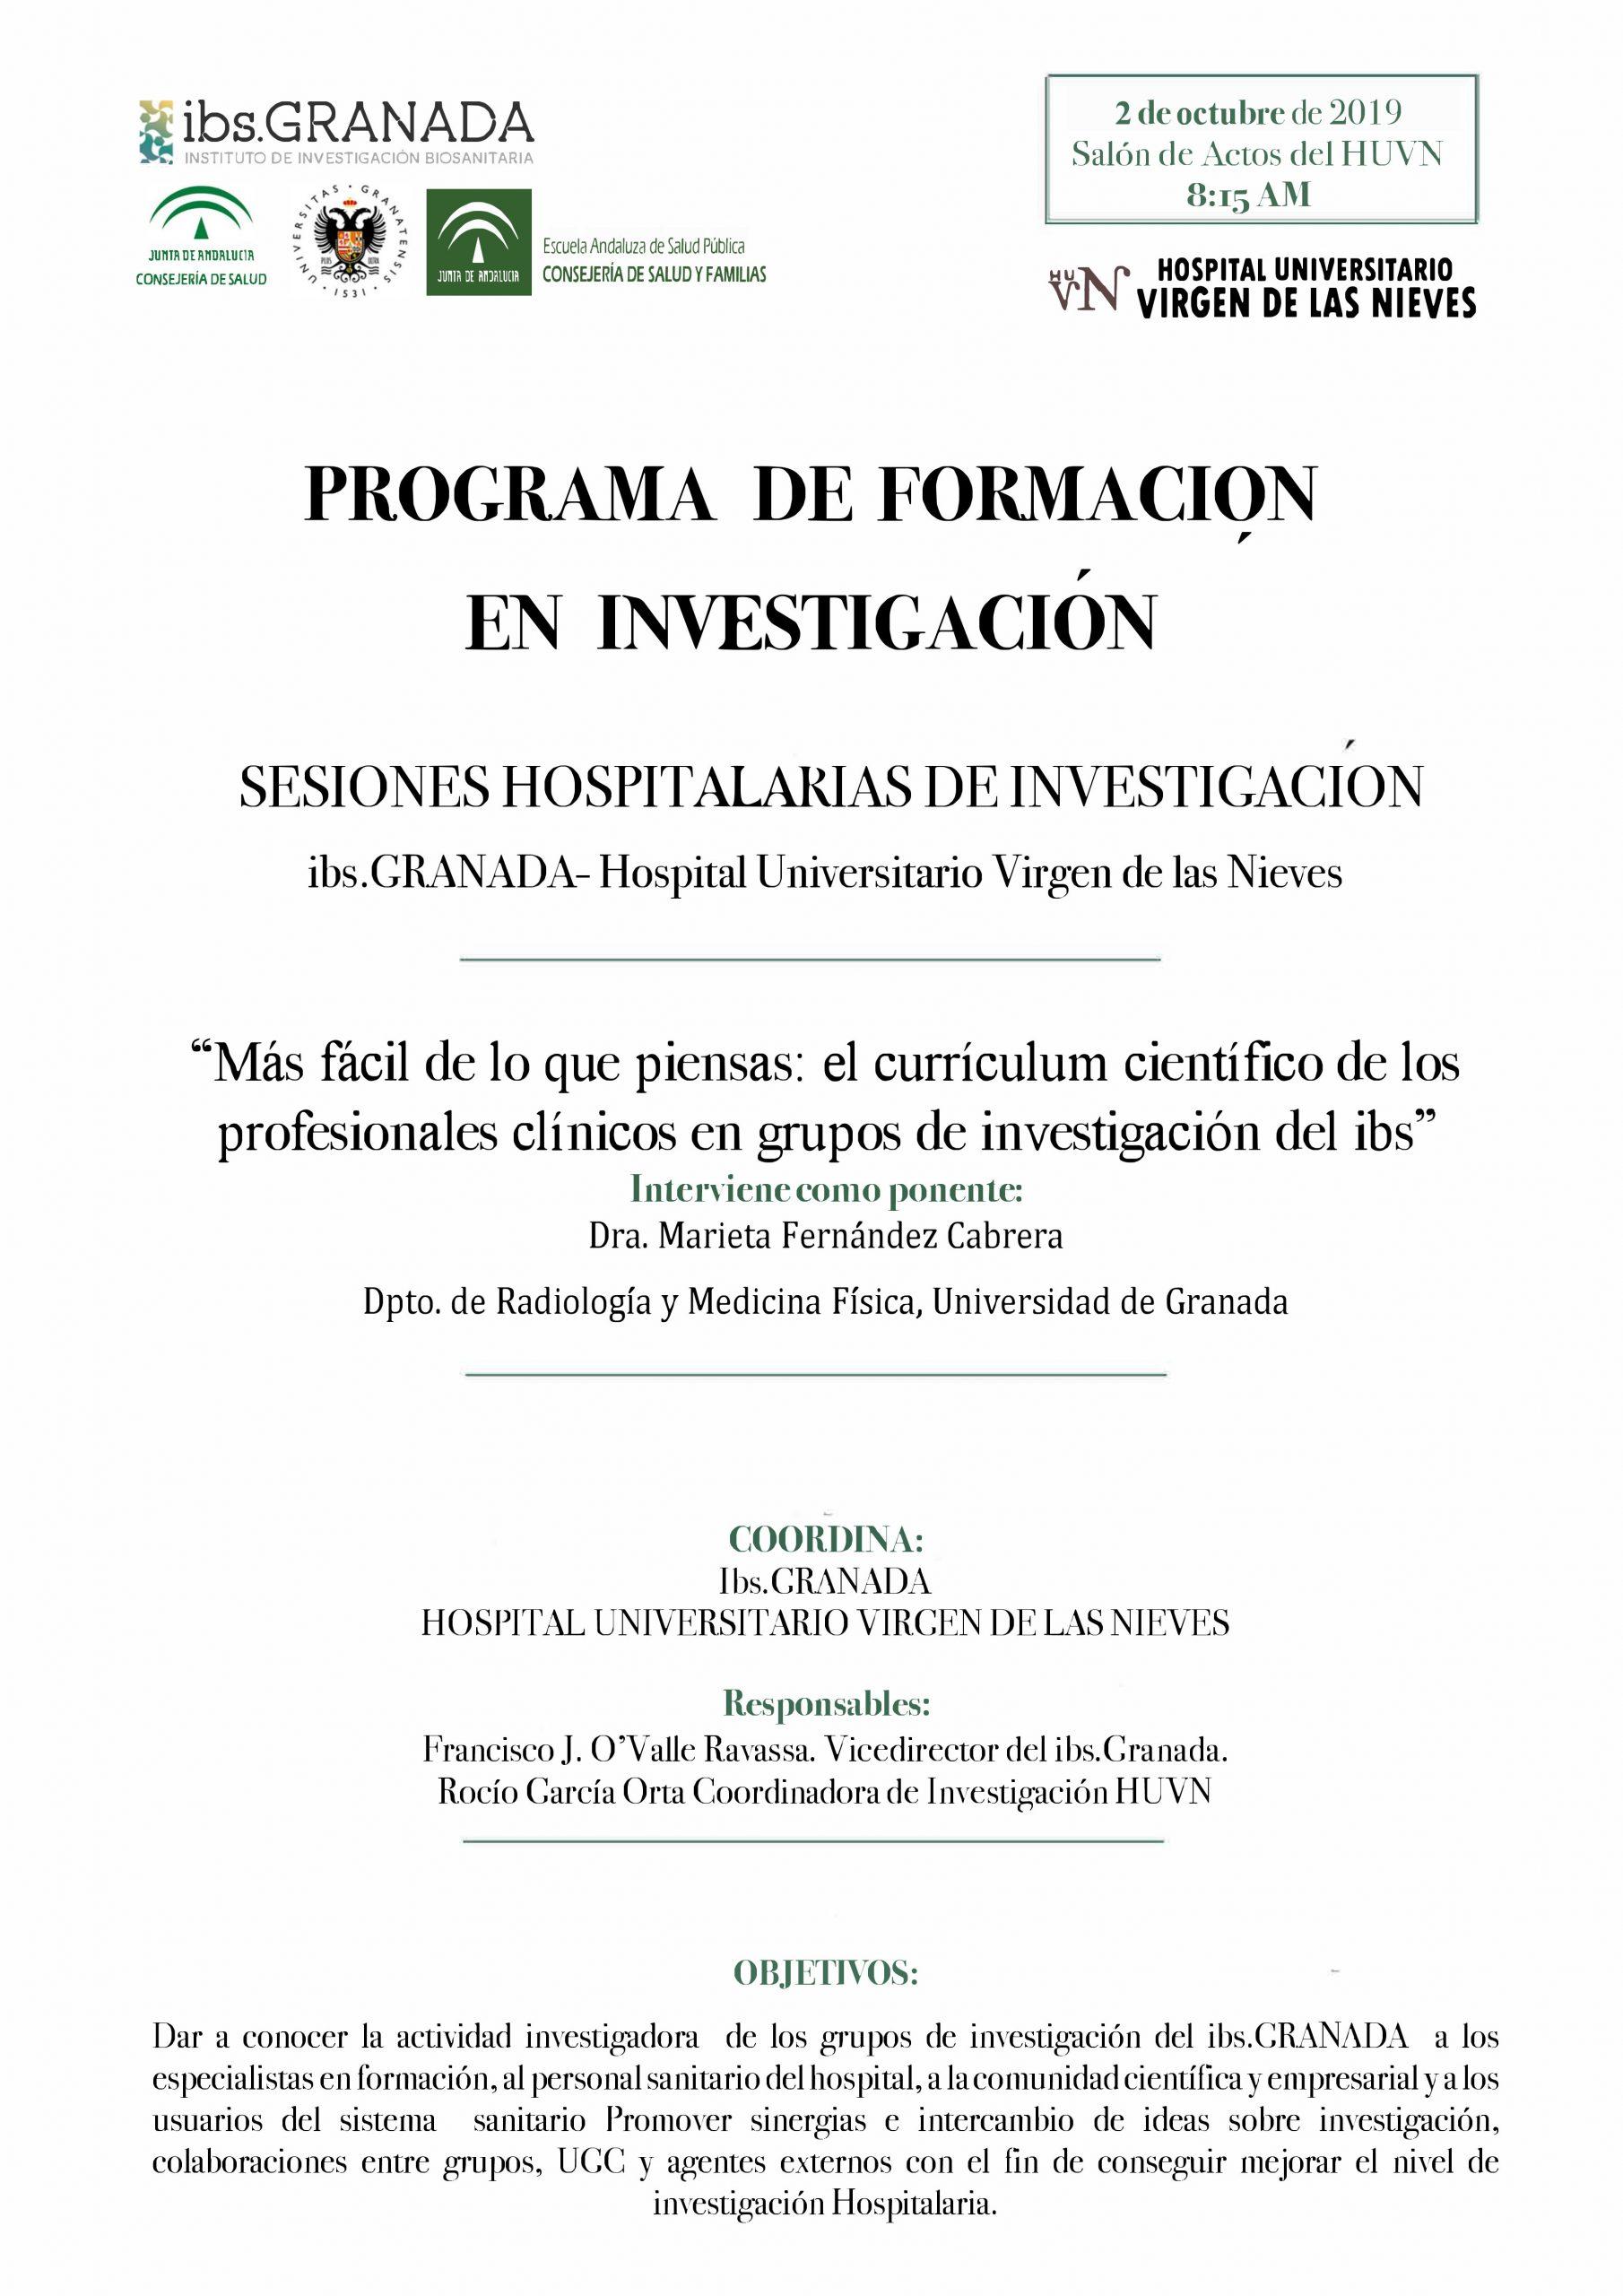 Sesión Hospitalaria: Más fácil de lo que piensas: el curriculum científico de los profesionales clínicos en grupos de investigación del ibs.GRANADA